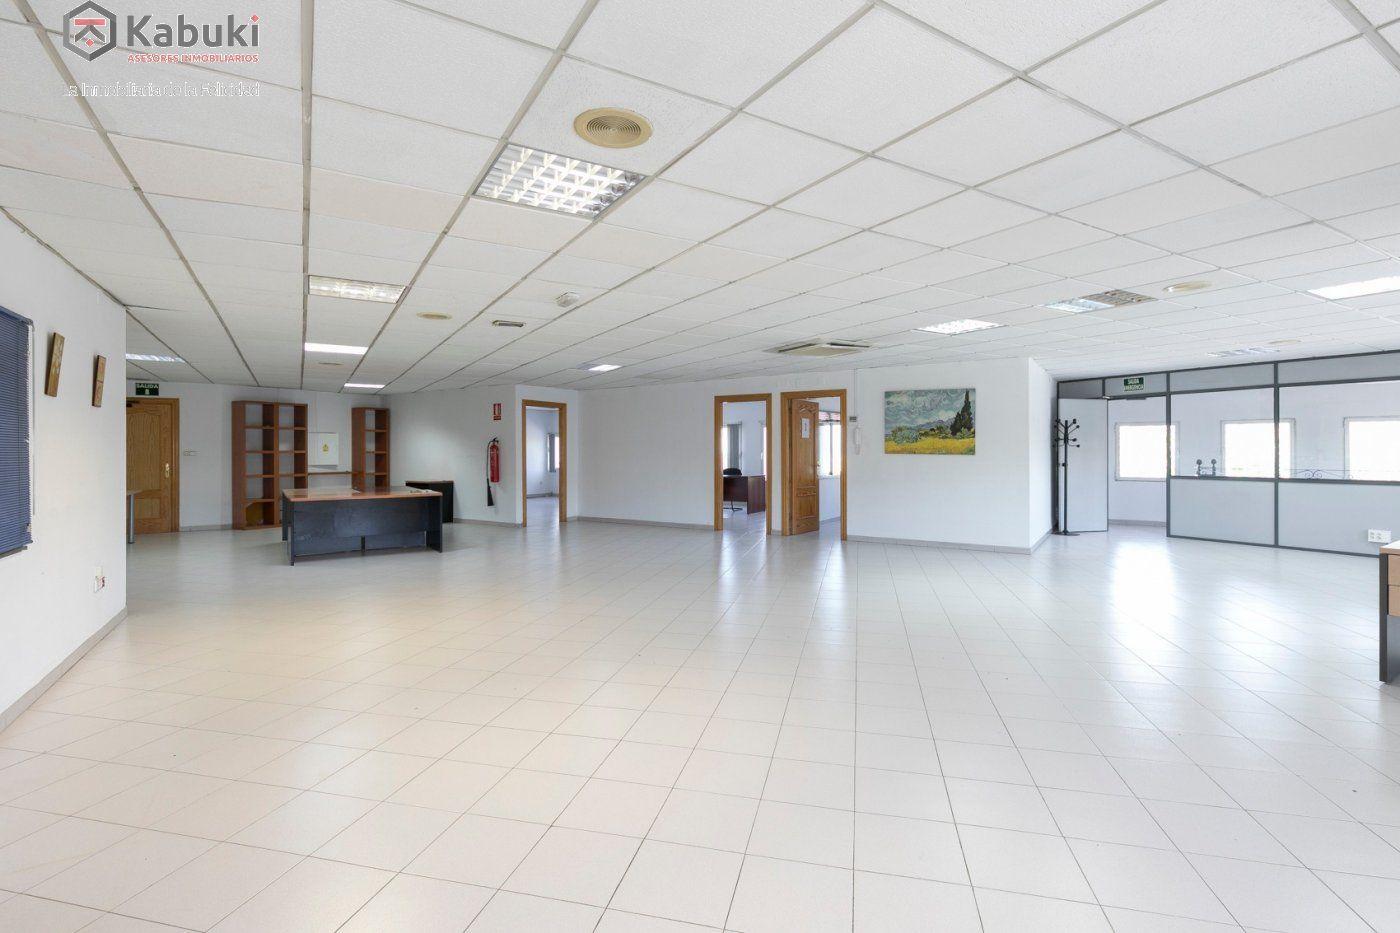 Magnífica oficina luminosa con un inmejorable acceso desde la circunvalación - imagenInmueble0